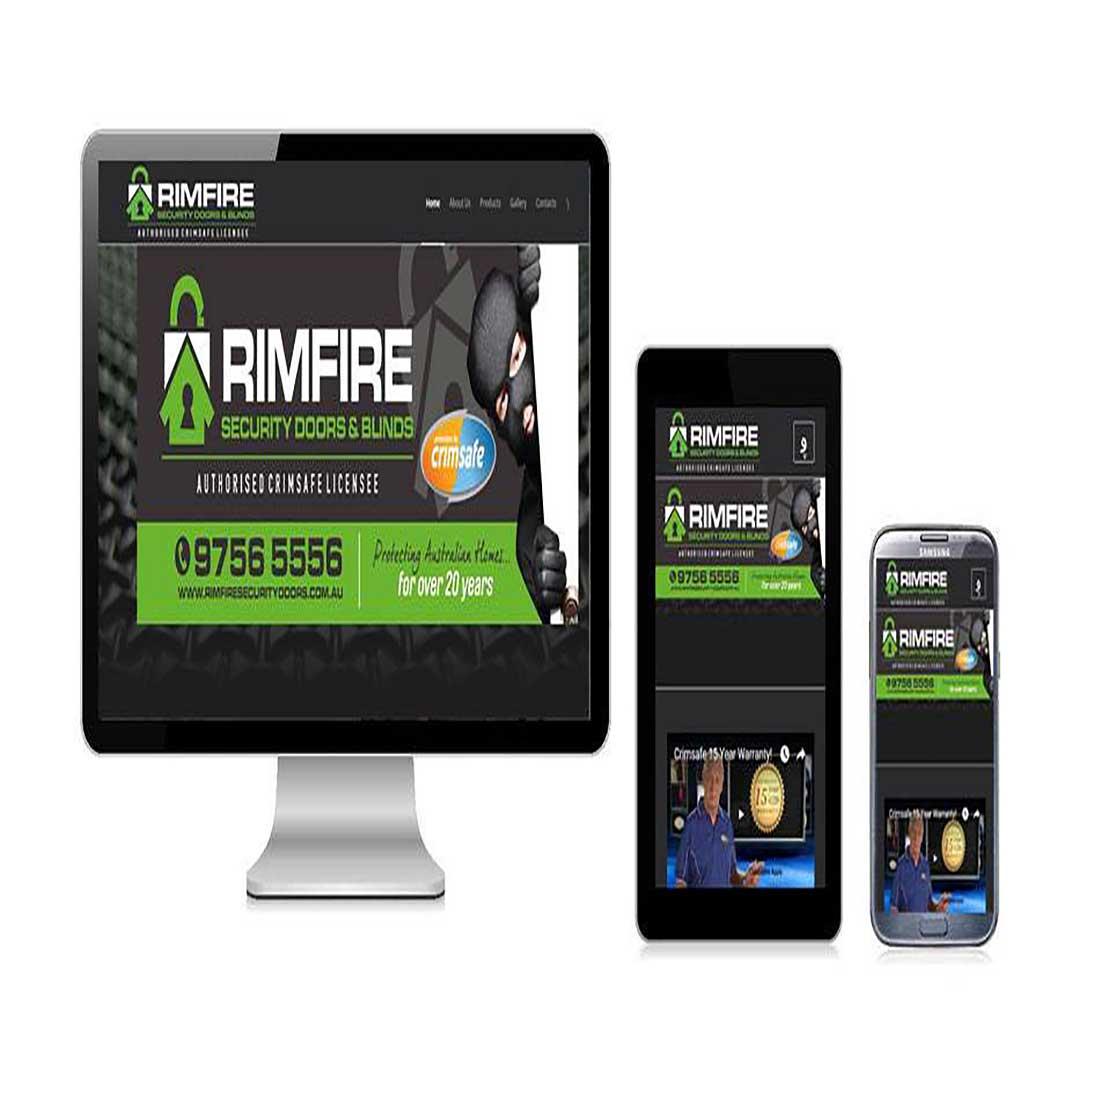 Rimfire Security Website Design Sydney